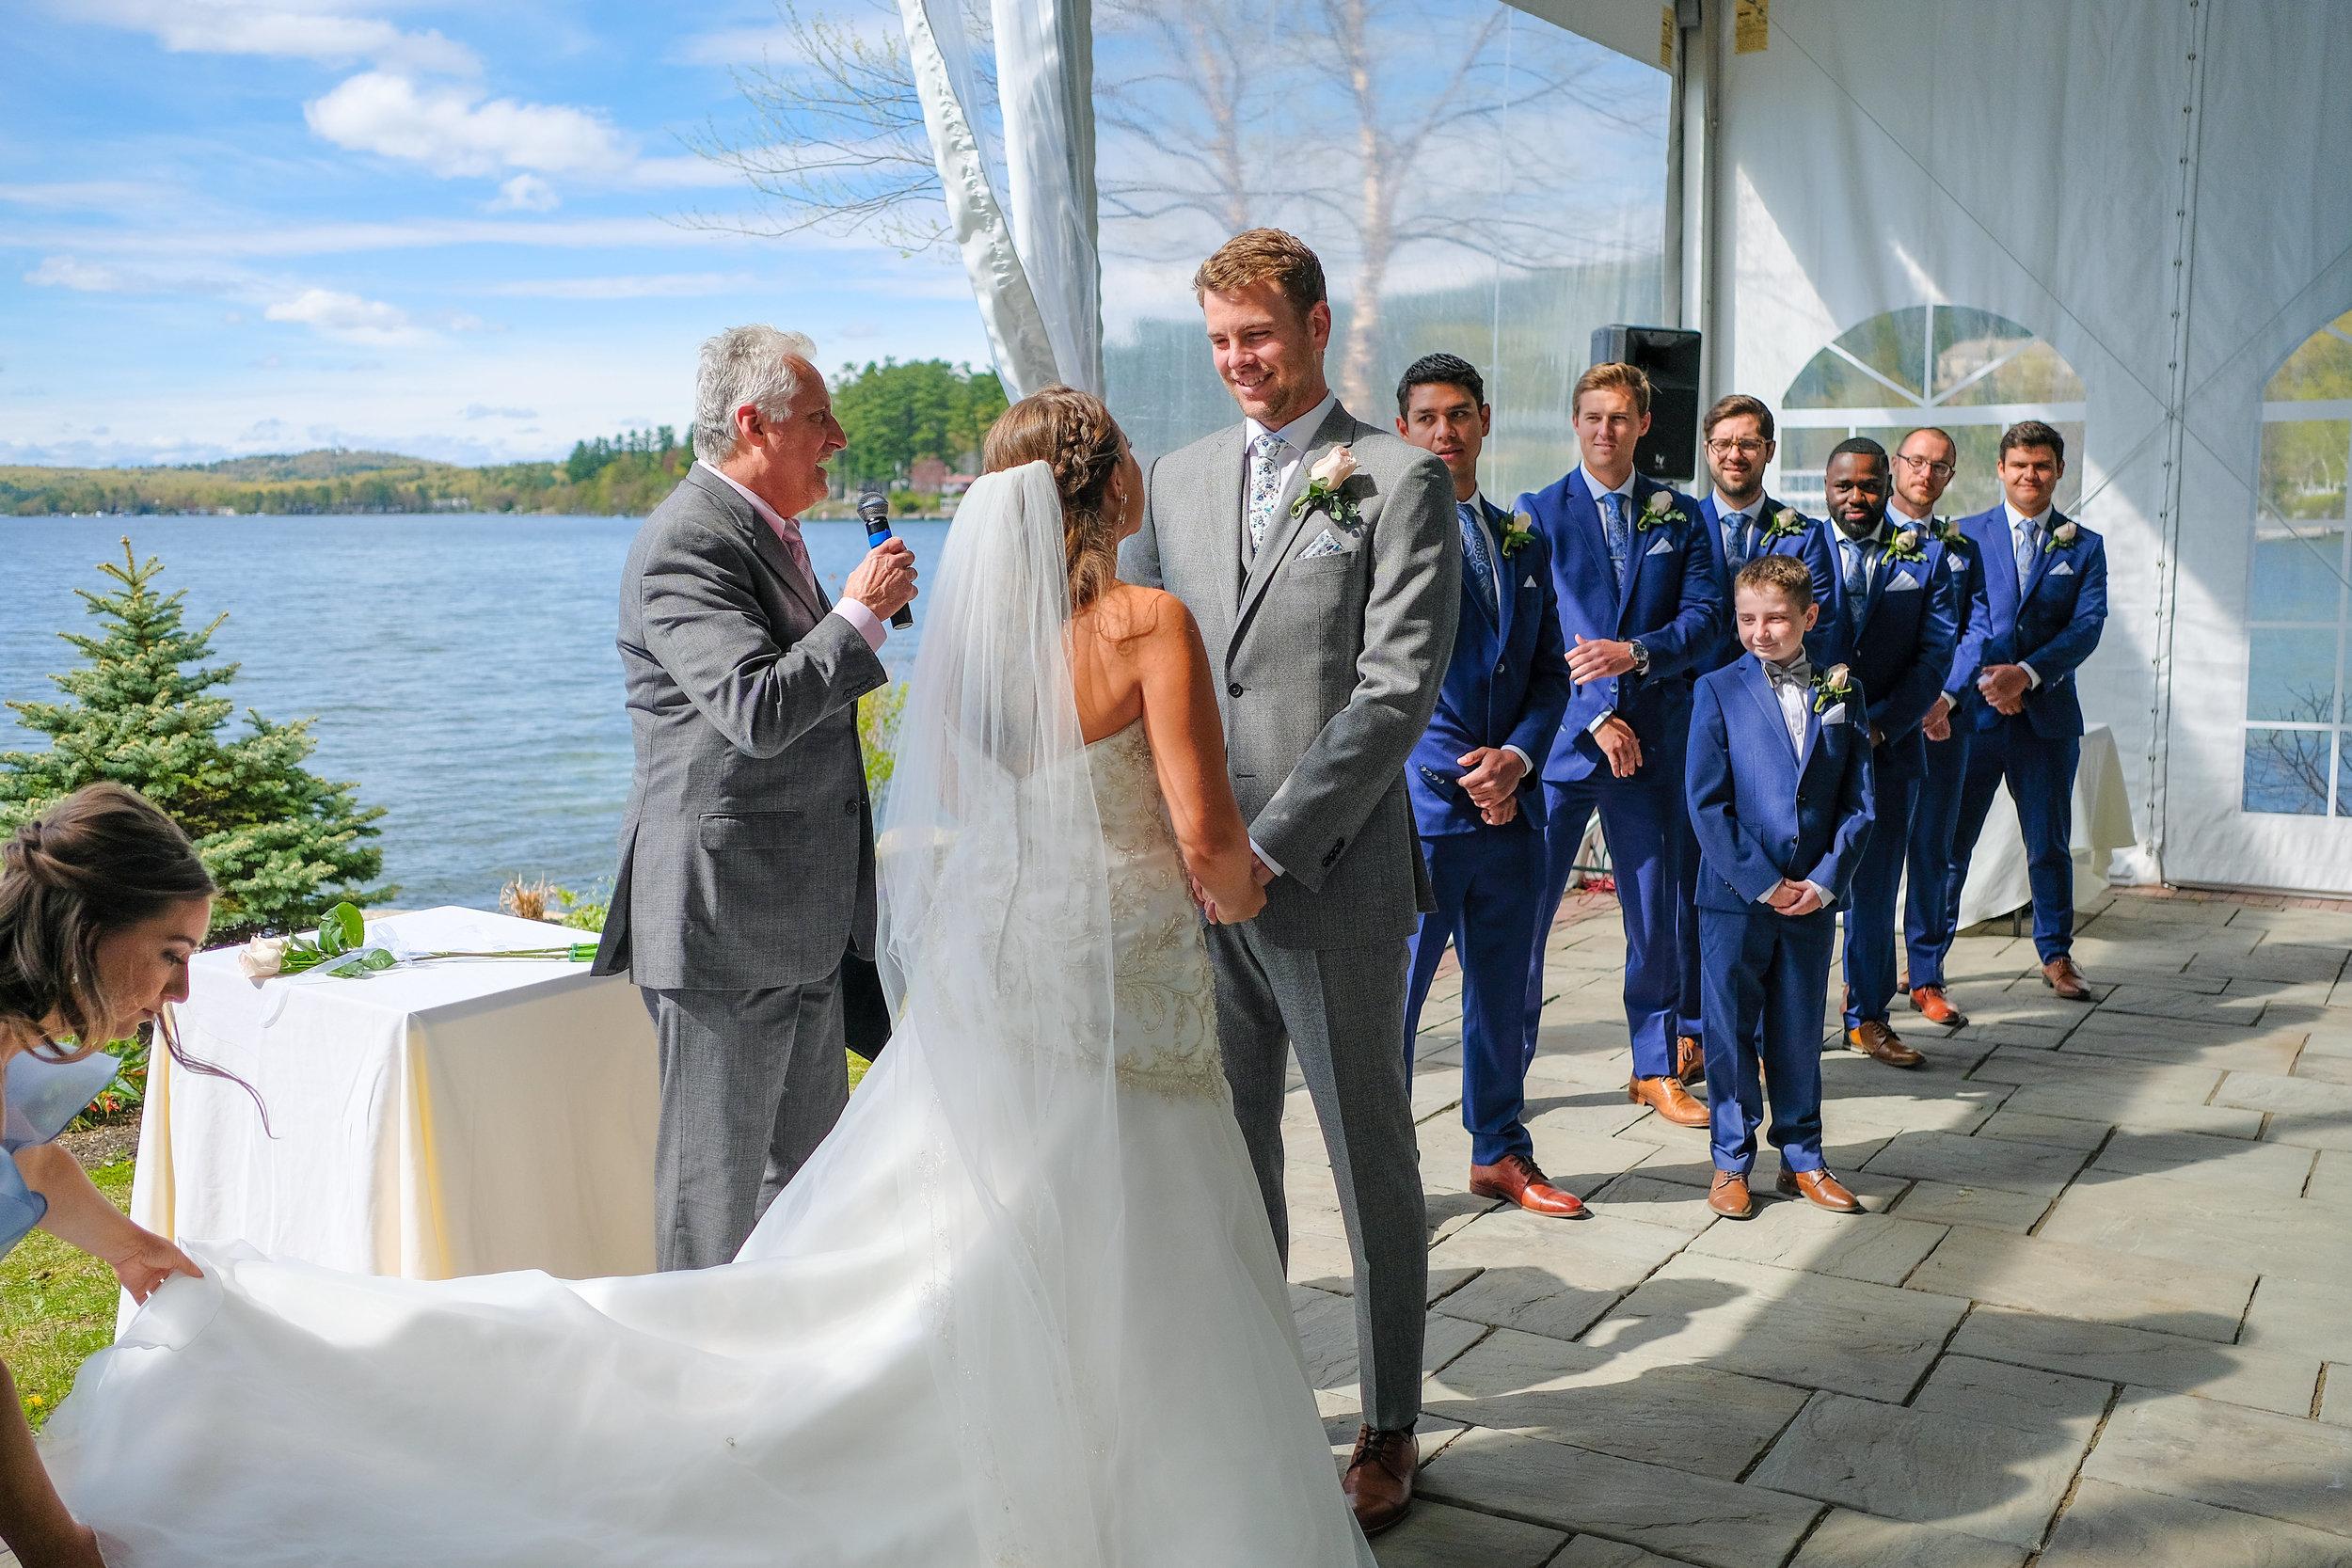 laconia-margate-wedding-photography-225.jpg